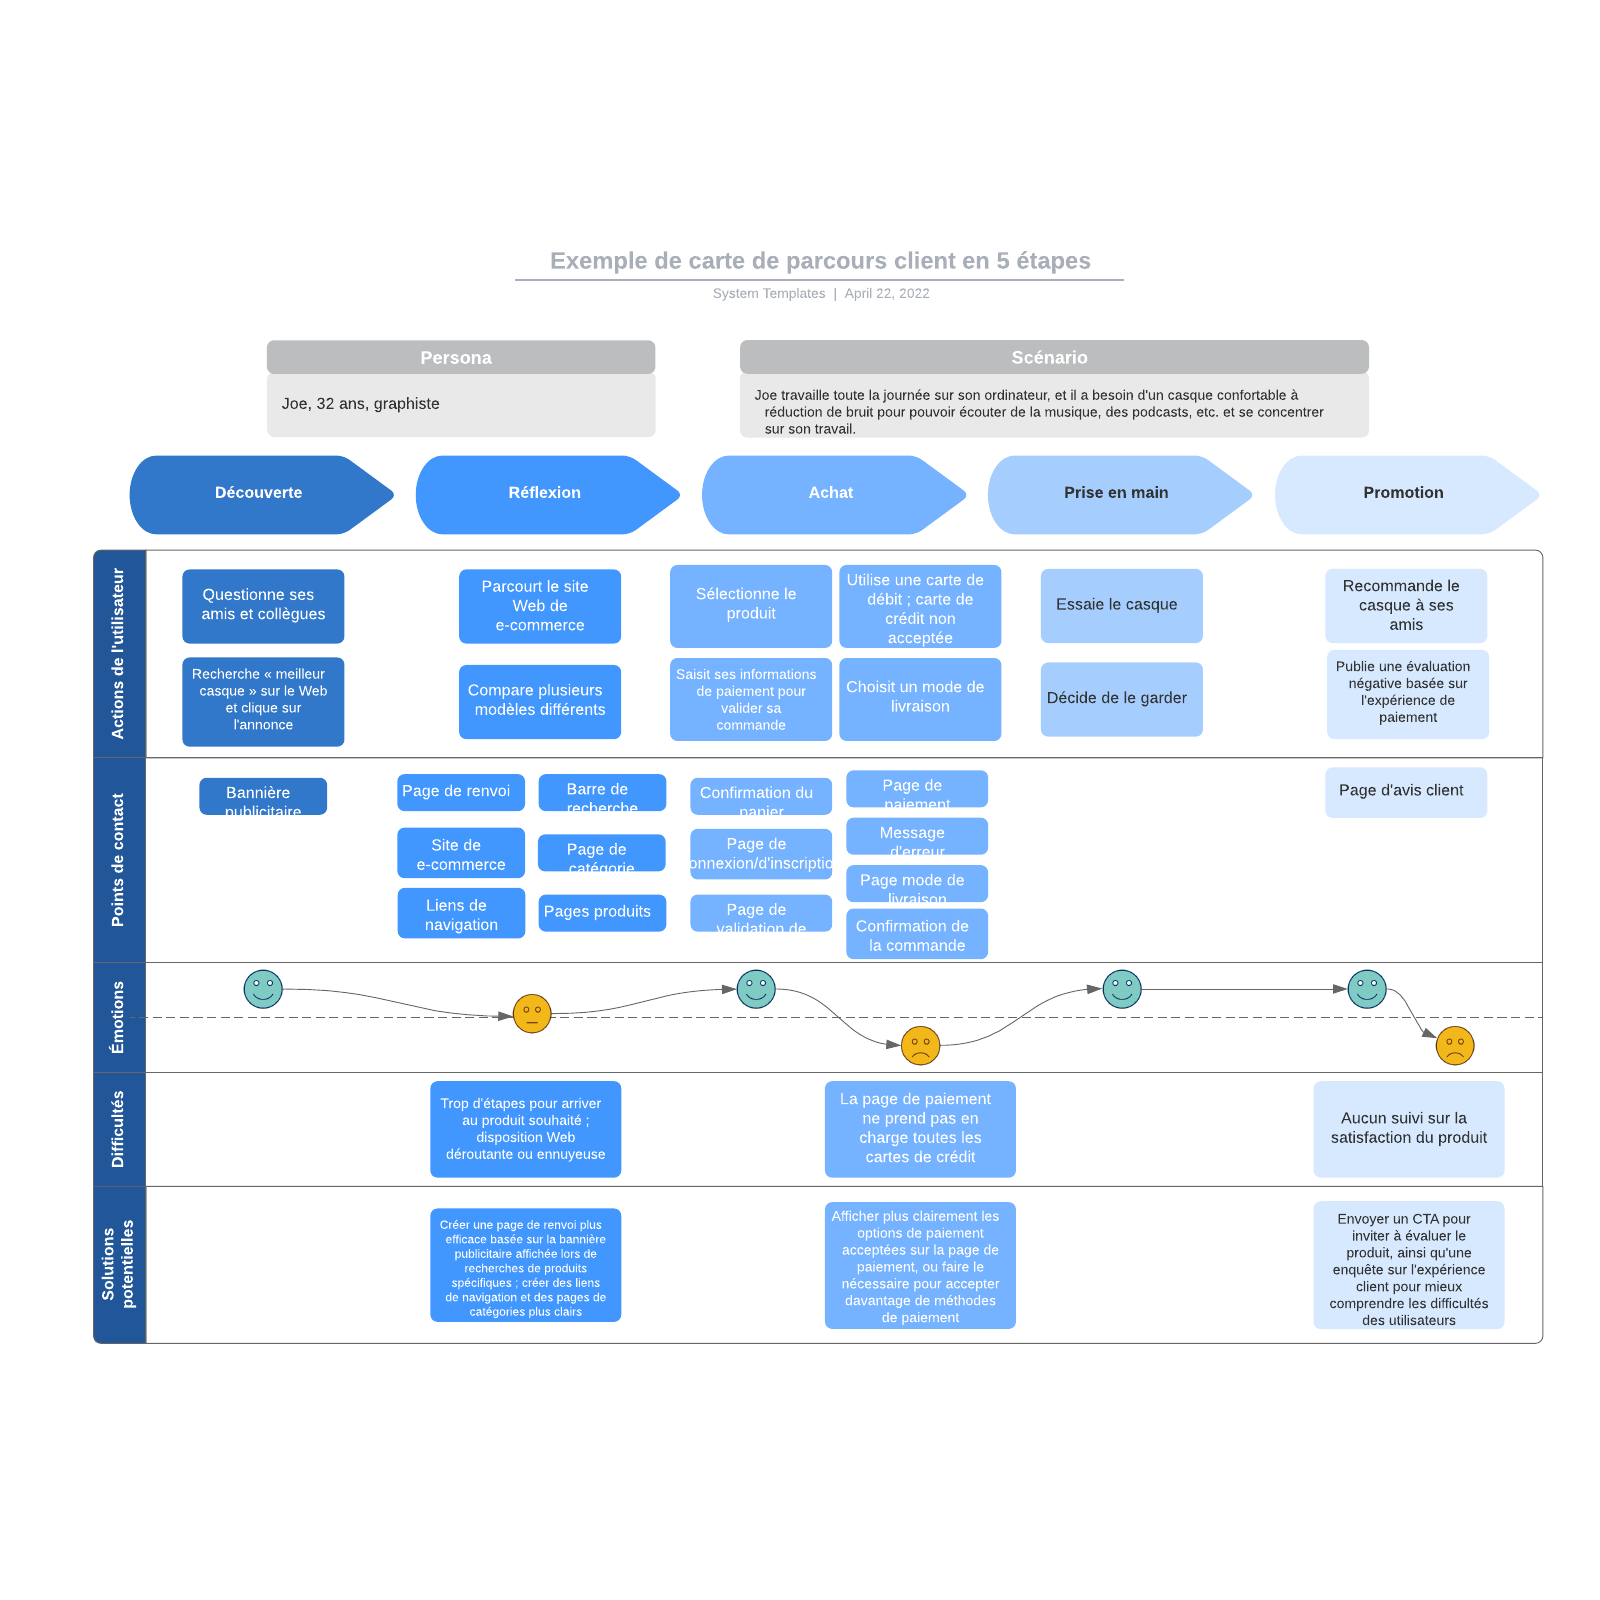 exemple de carte de parcours client en 5 étapes